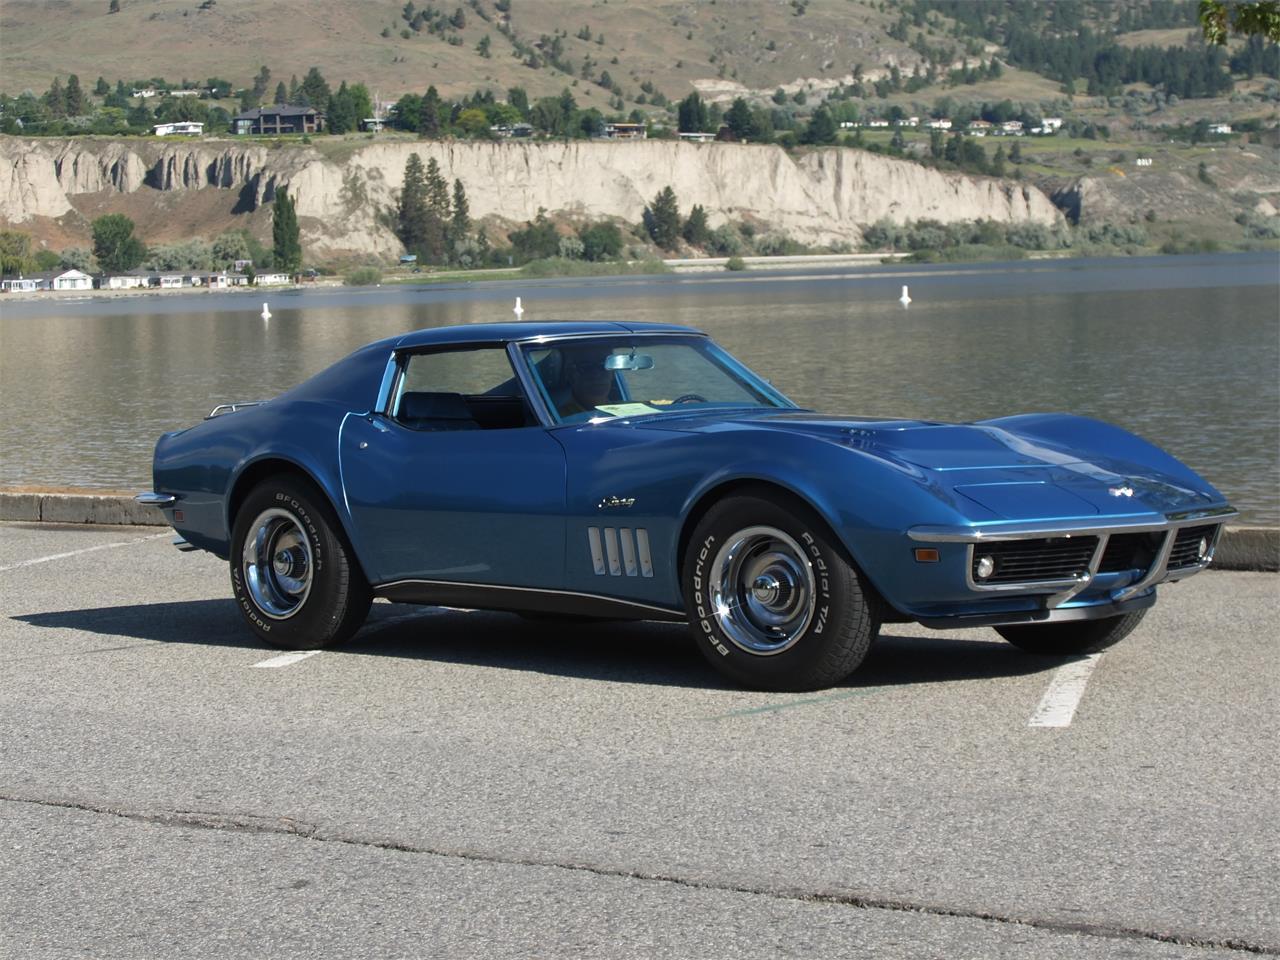 1969 Chevrolet Corvette (CC-1306473) for sale in Penticton, British Columbia